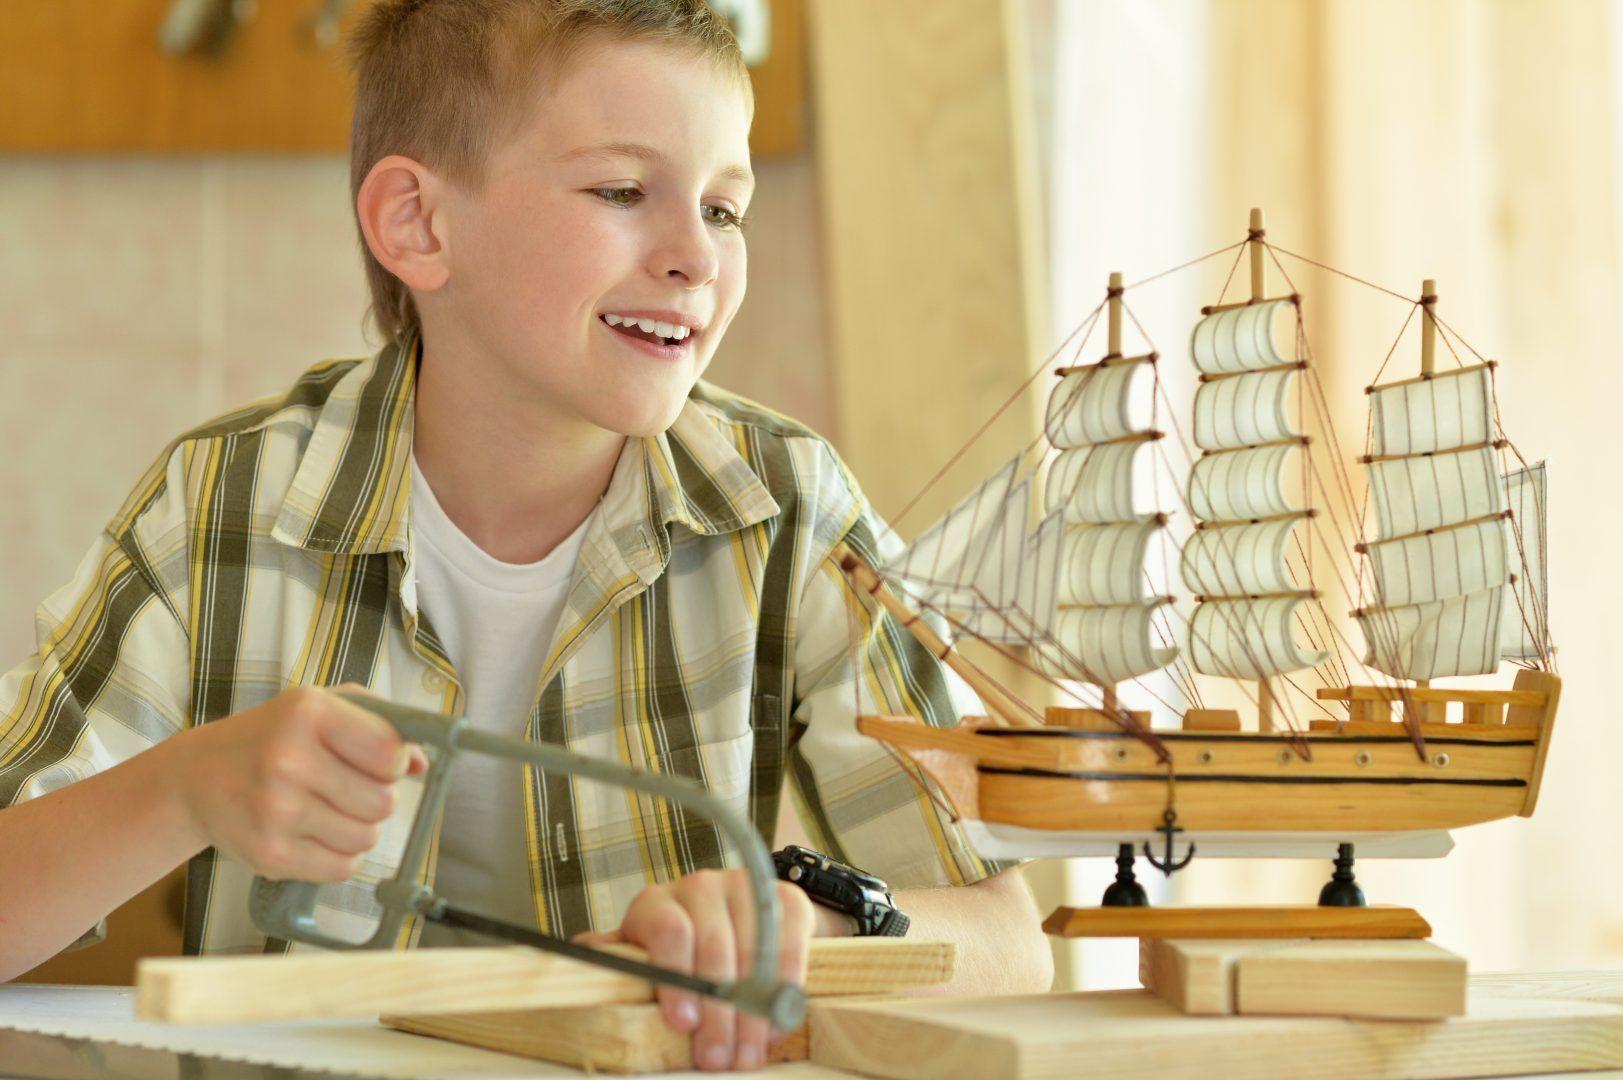 Для детей с ограниченными возможностями творчество — шанс понять свою необходимость в обществе. Фото: Shutterstock